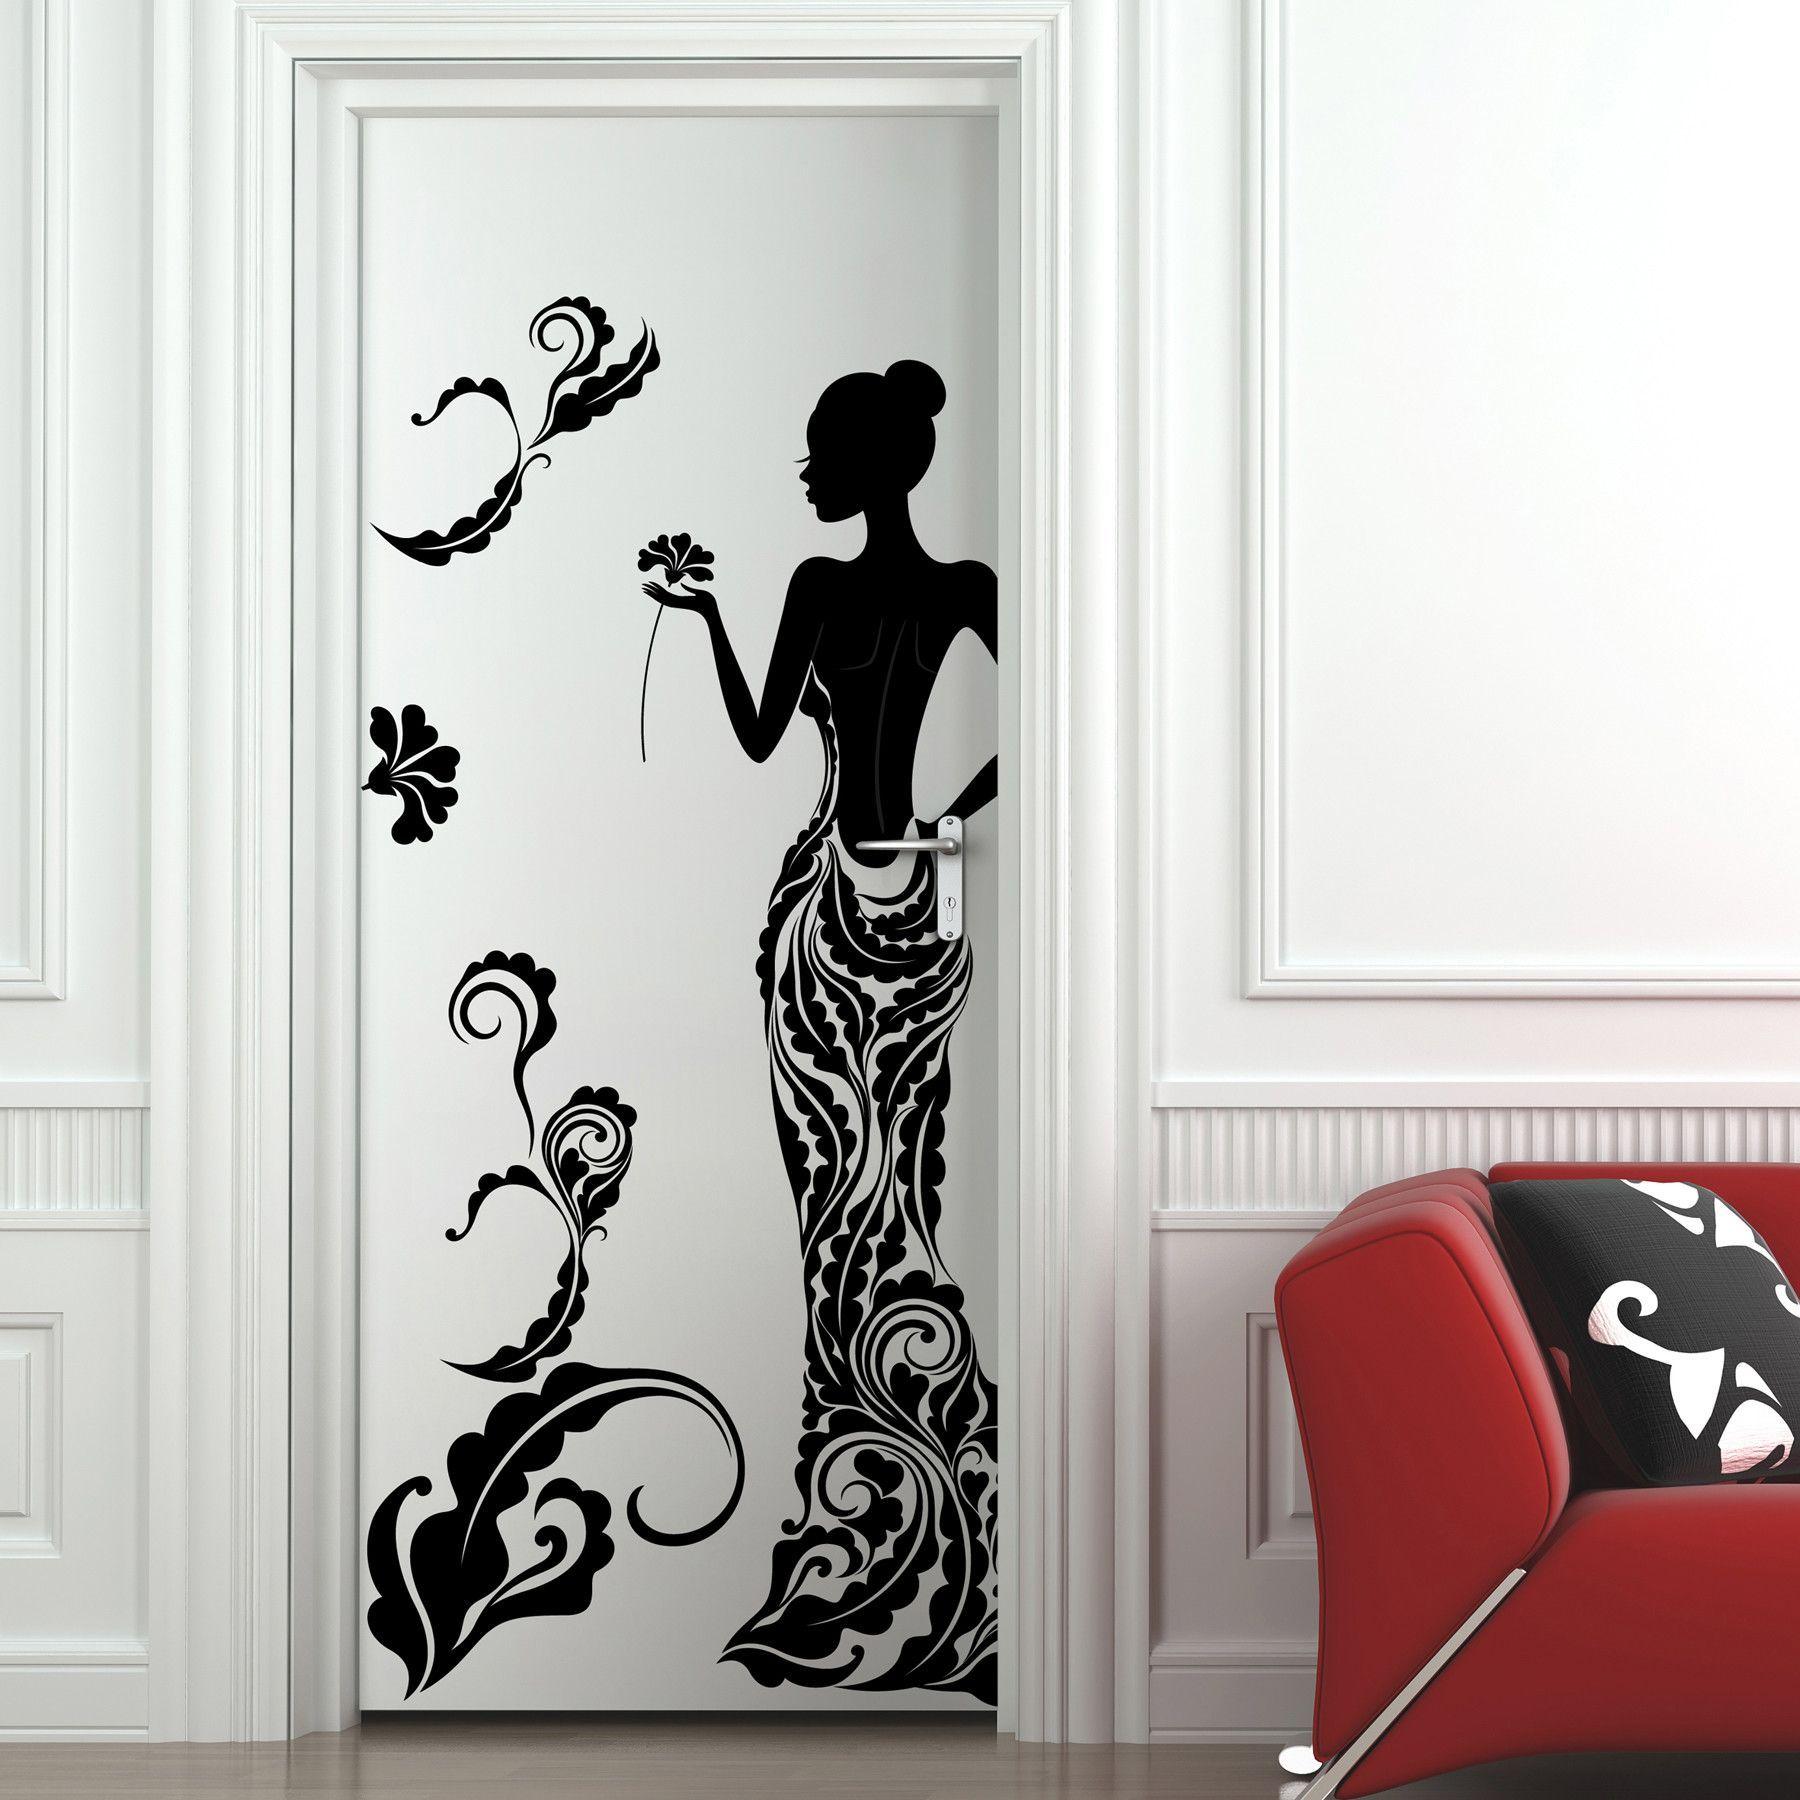 Трафарет на двери входной картинки